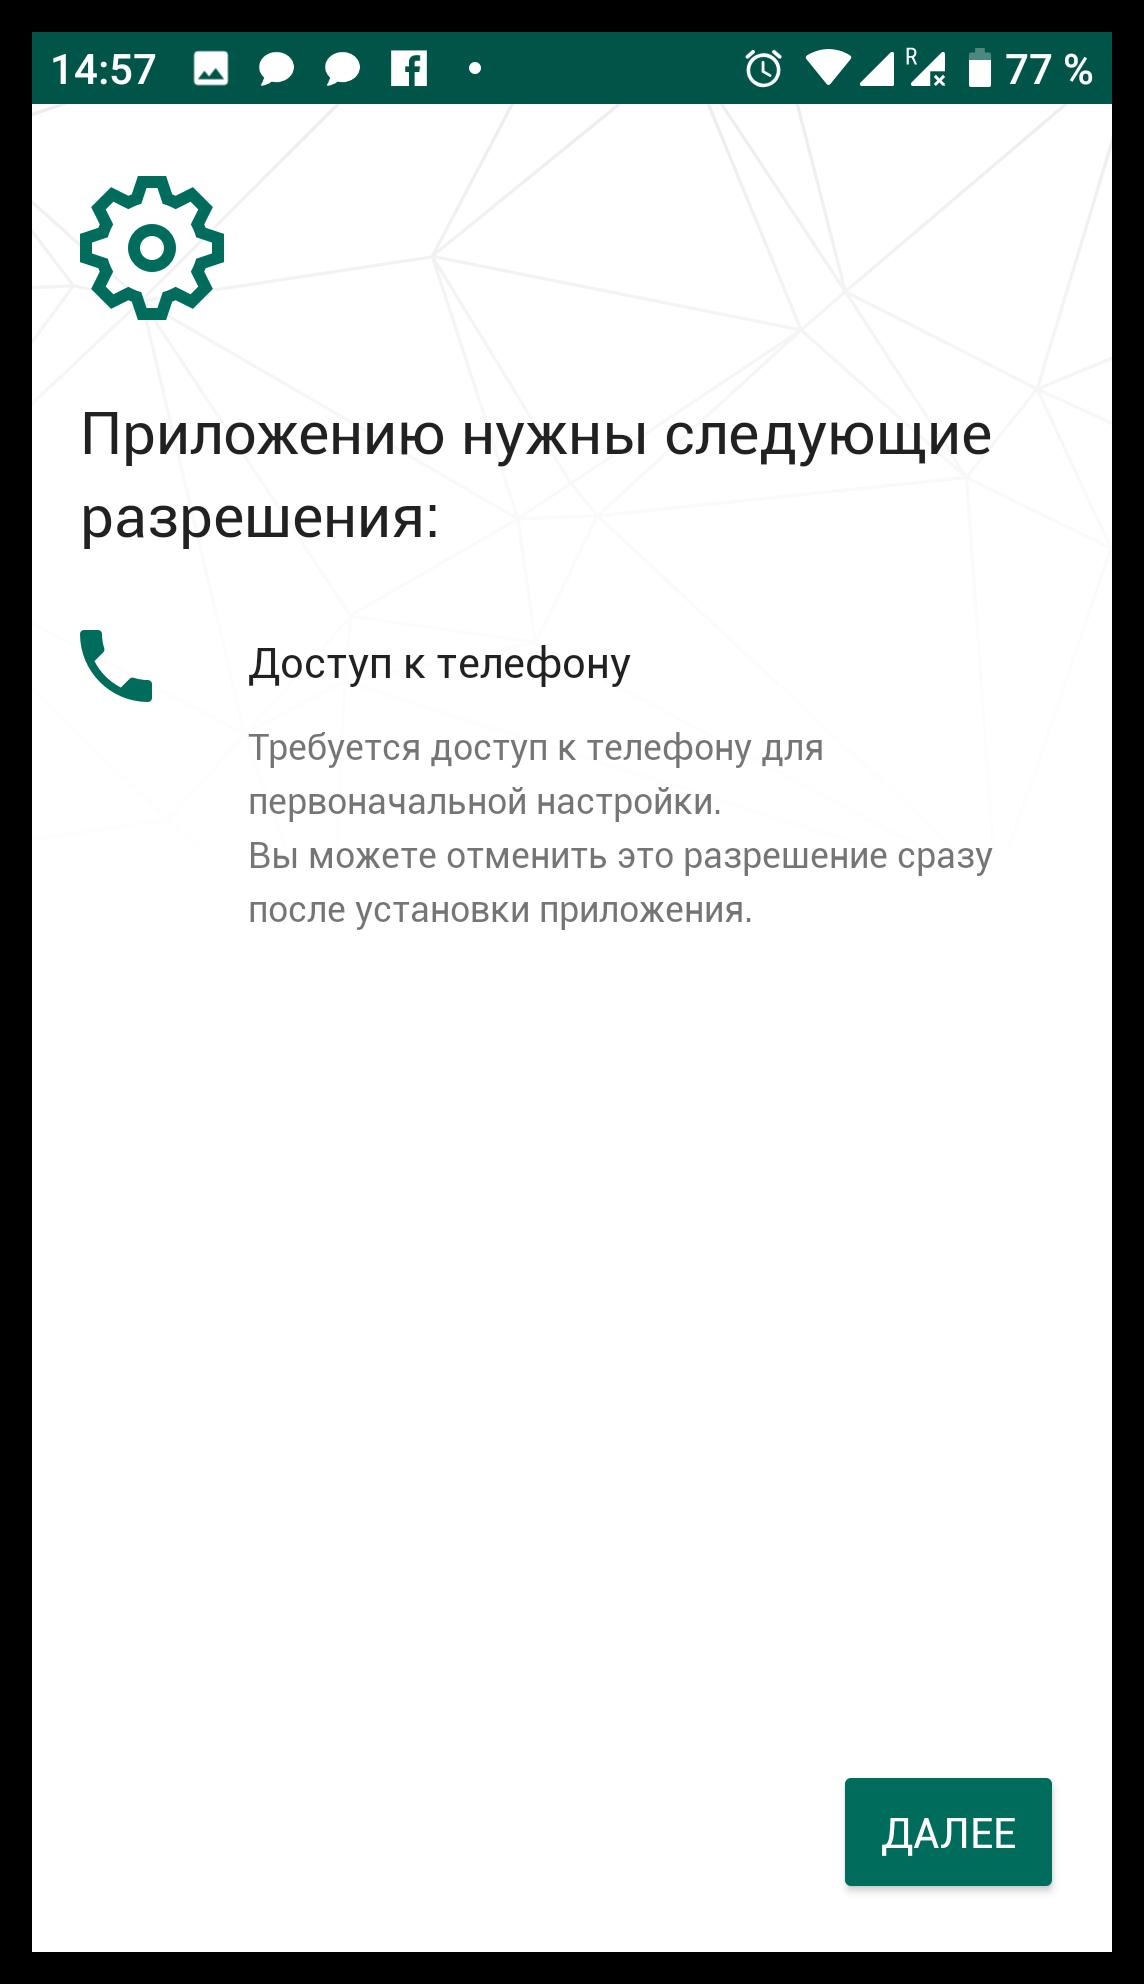 Разрешение к функциям